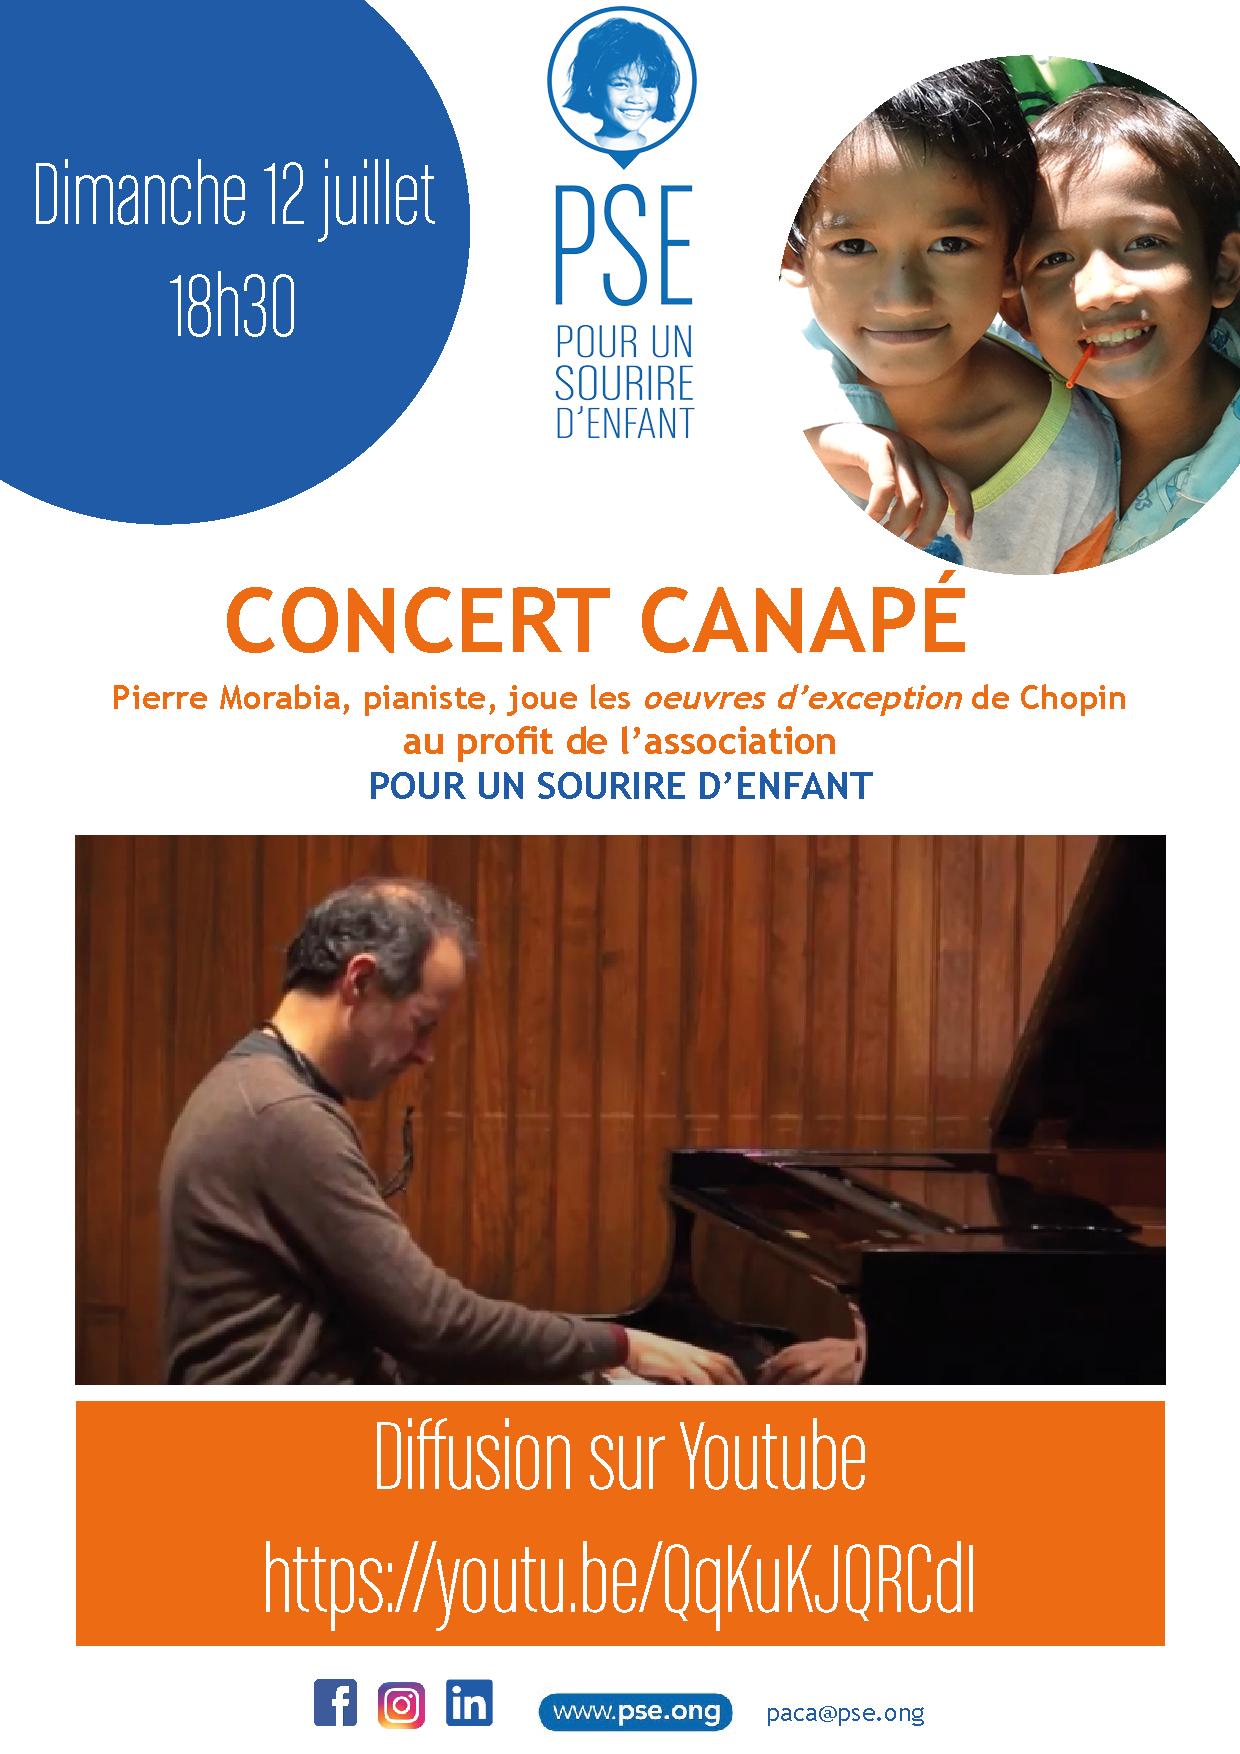 Affiche du concert canapé organisé par PSE PACA le dimanche 12 juillet 2020